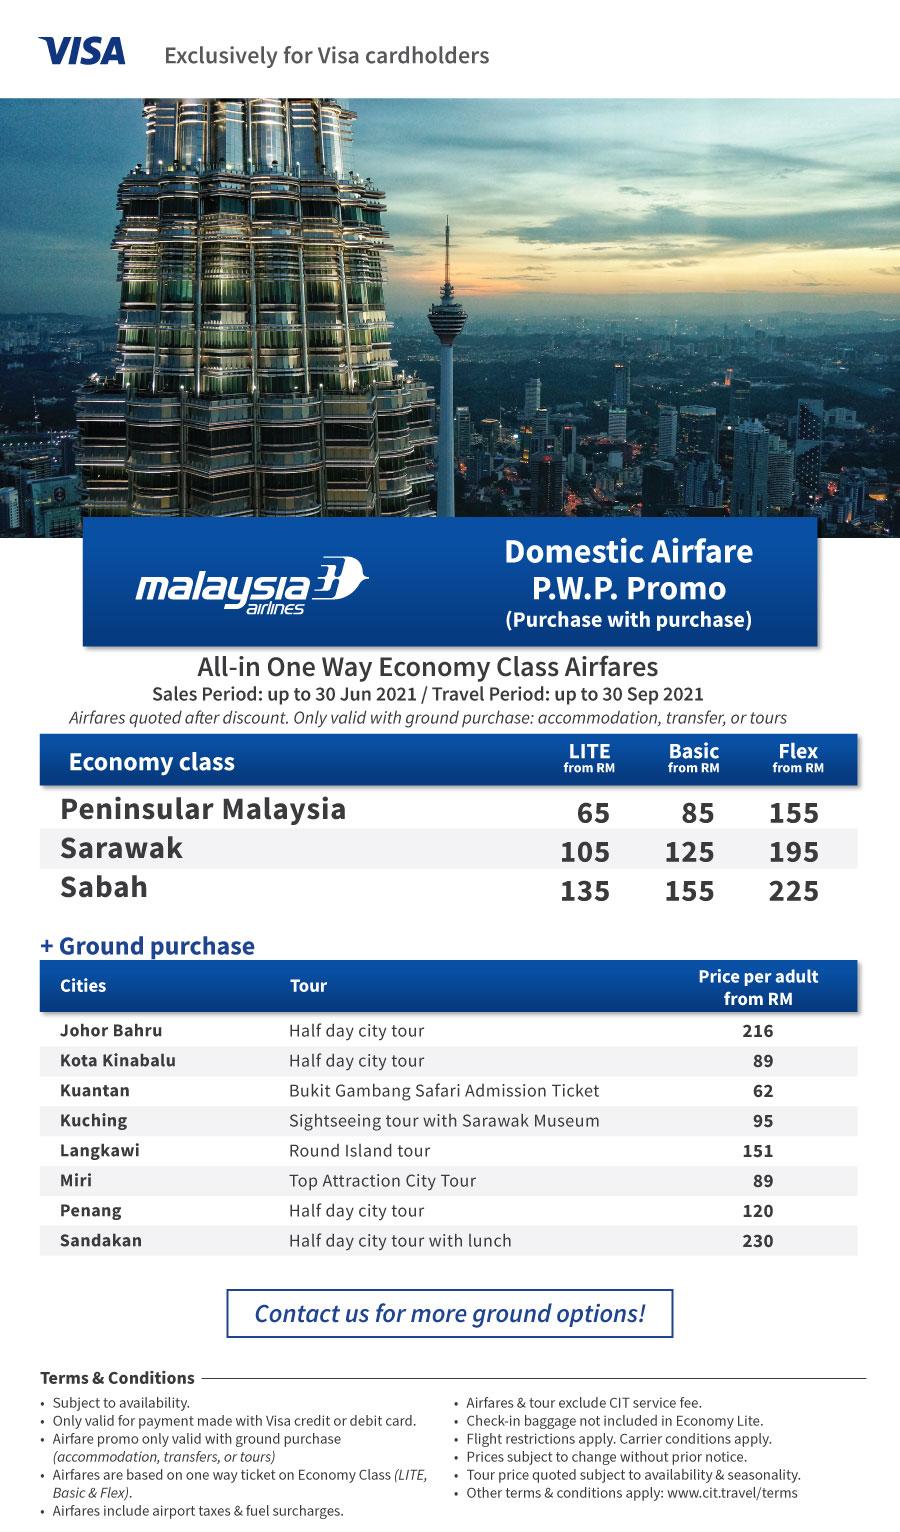 Malaysia Airlines Domestic Promo VISA PremiumOffer MH Domestic May2021